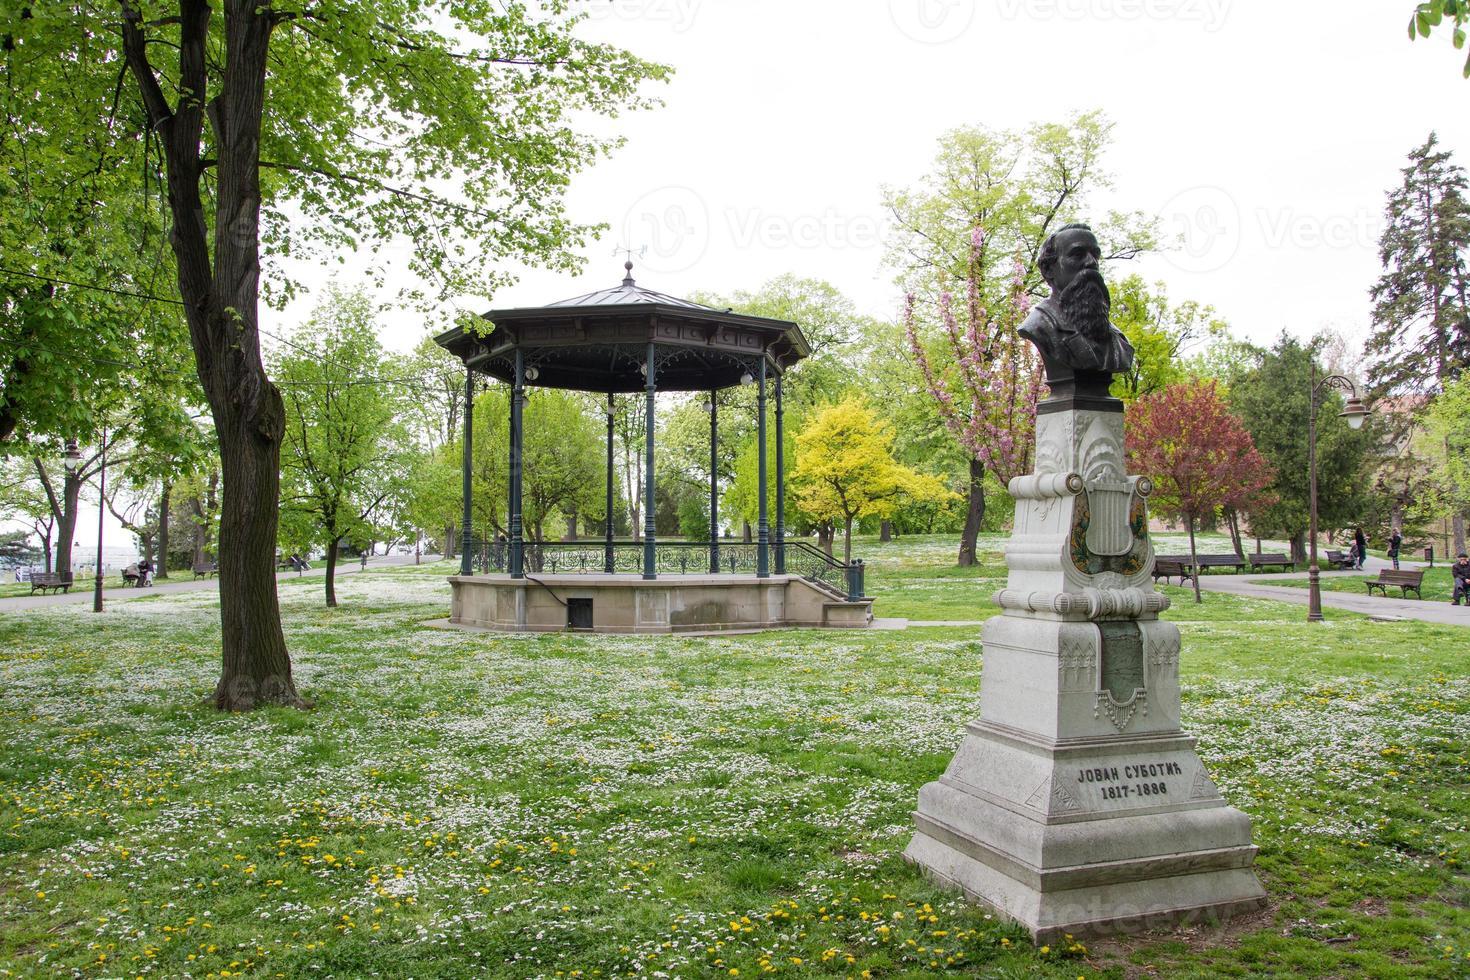 parque kalemegdan, belgrado foto